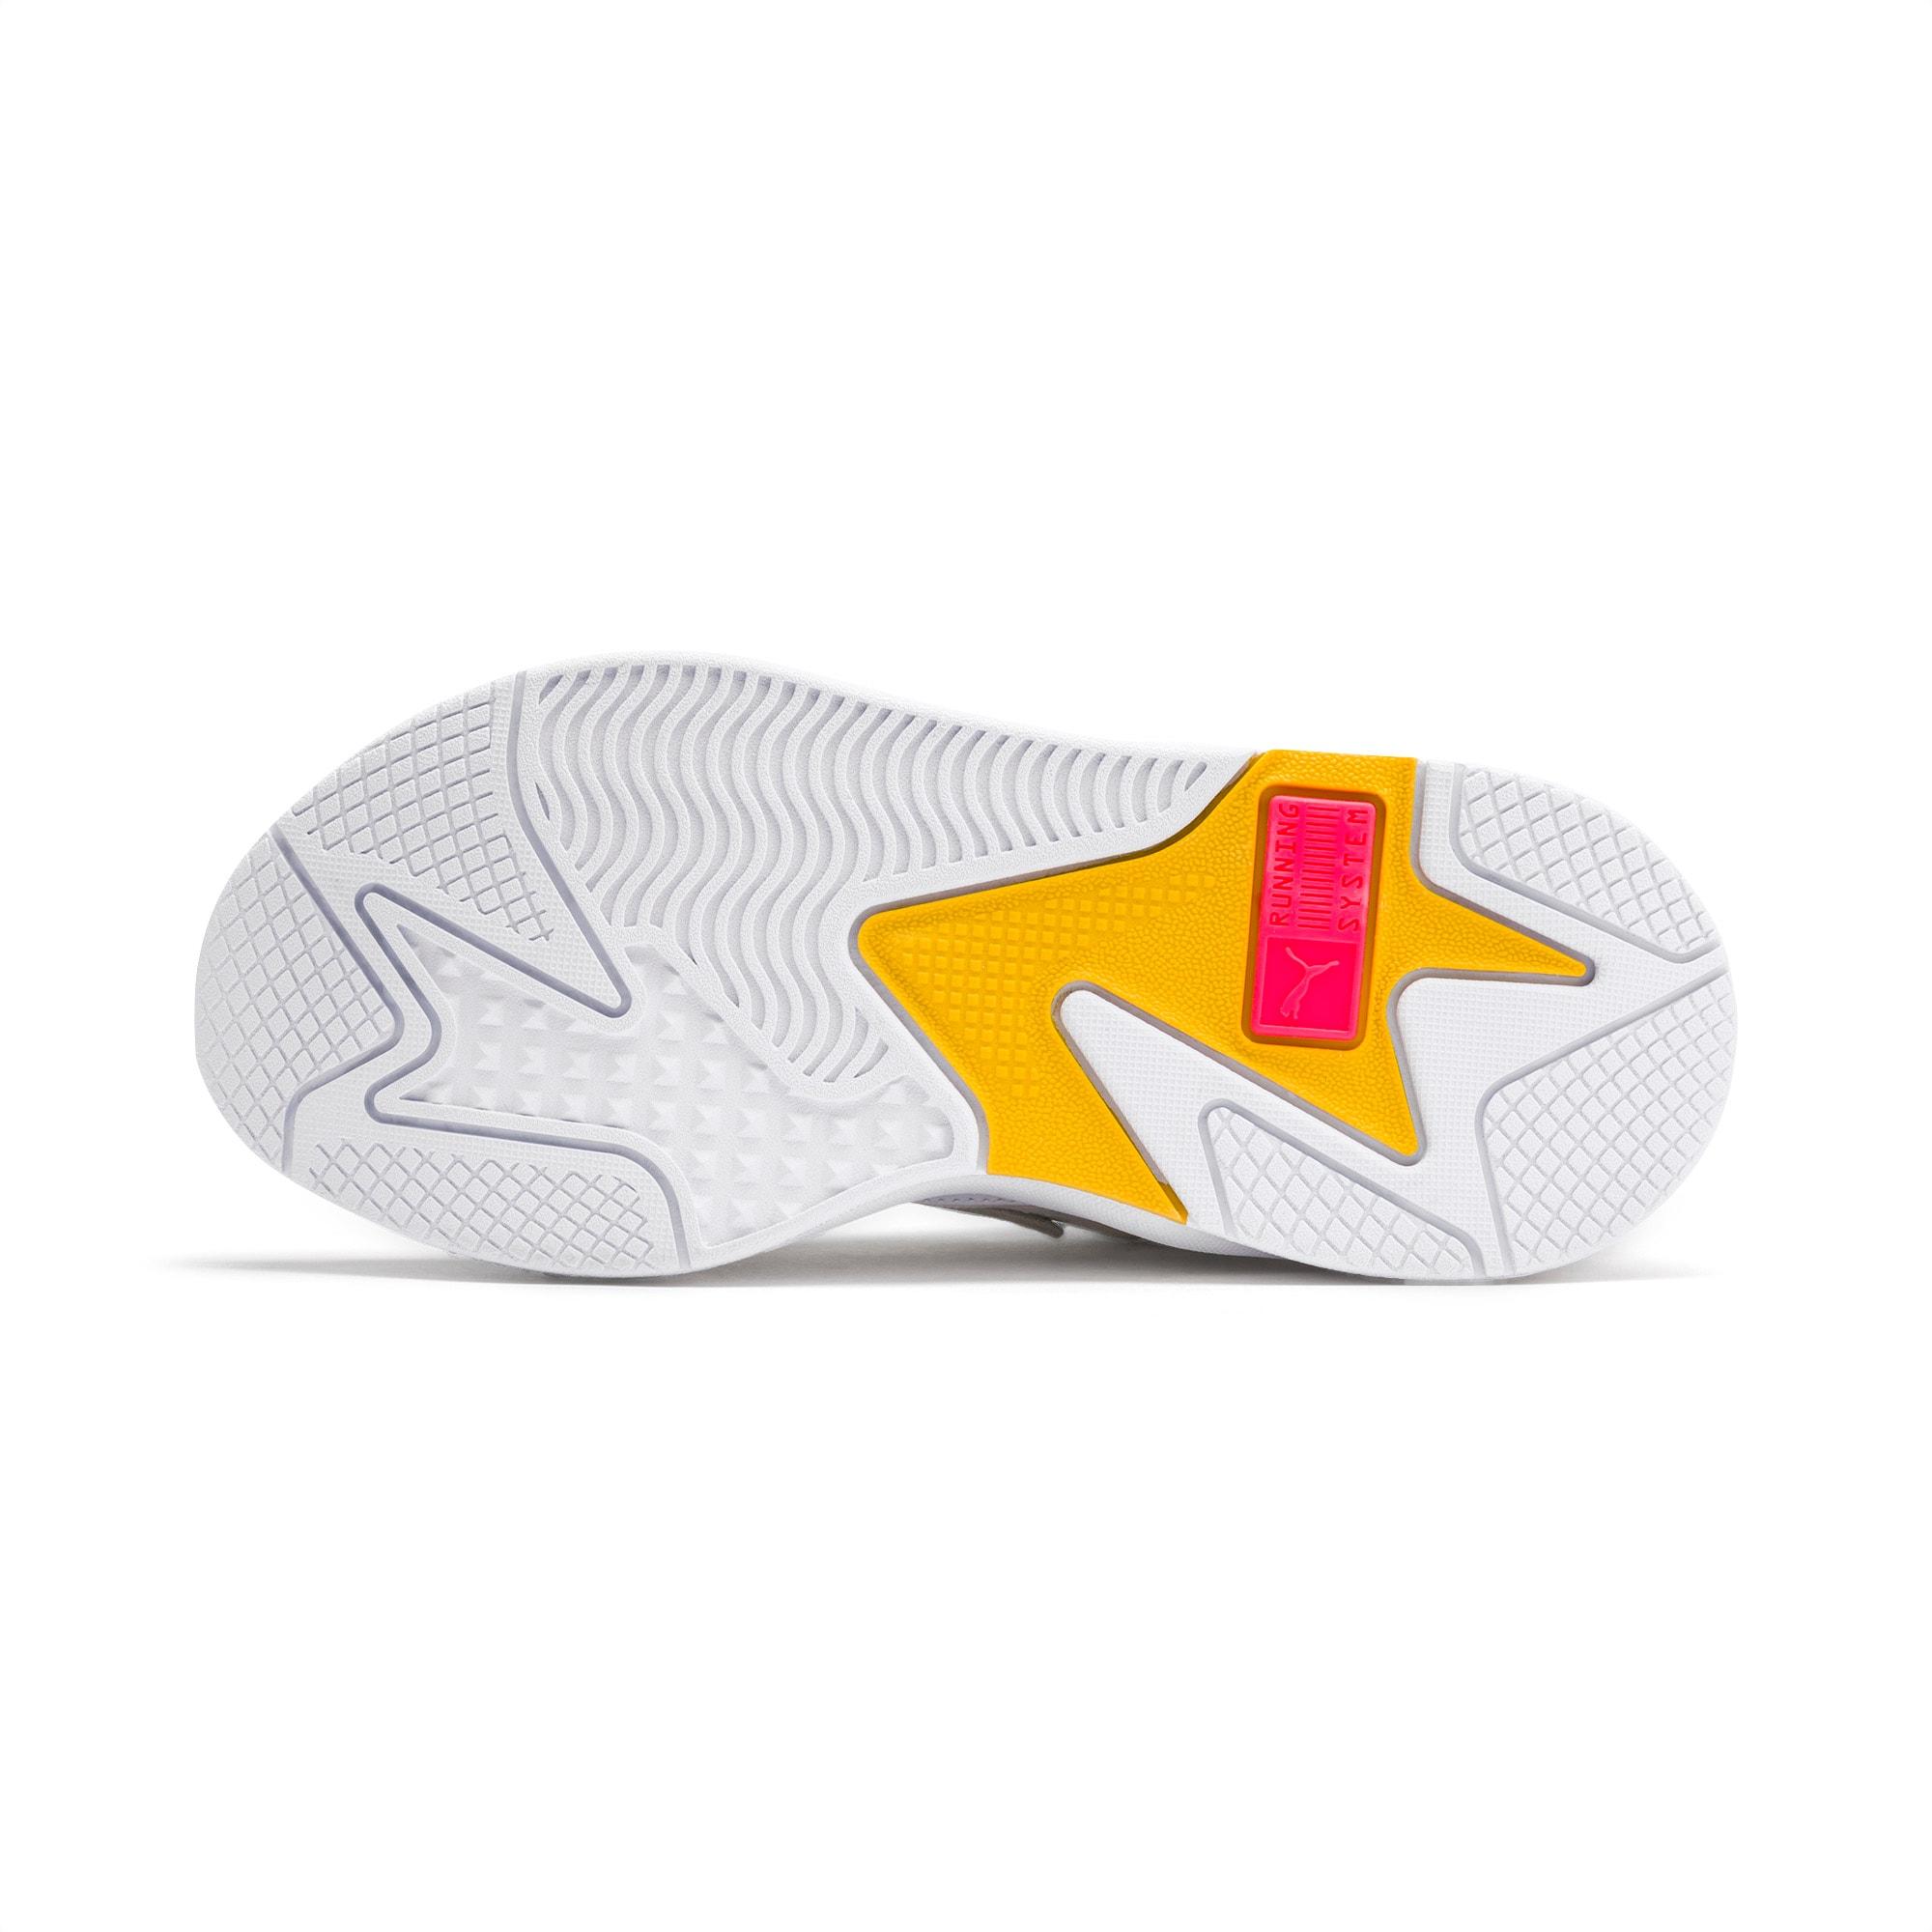 Scarpe da ginnastica RS X Proto donna